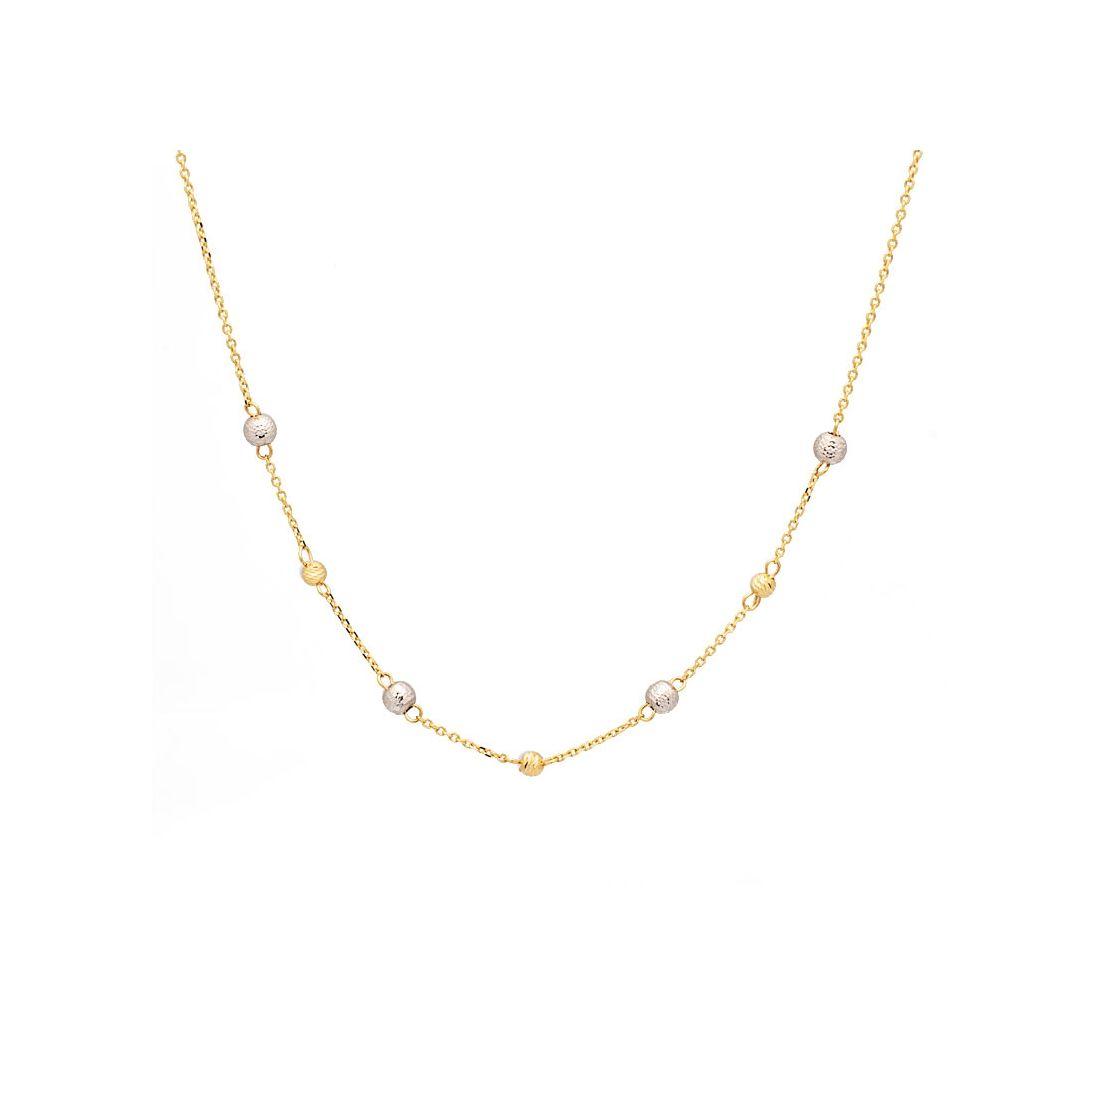 Gargantilla de oro bicolor  - 1